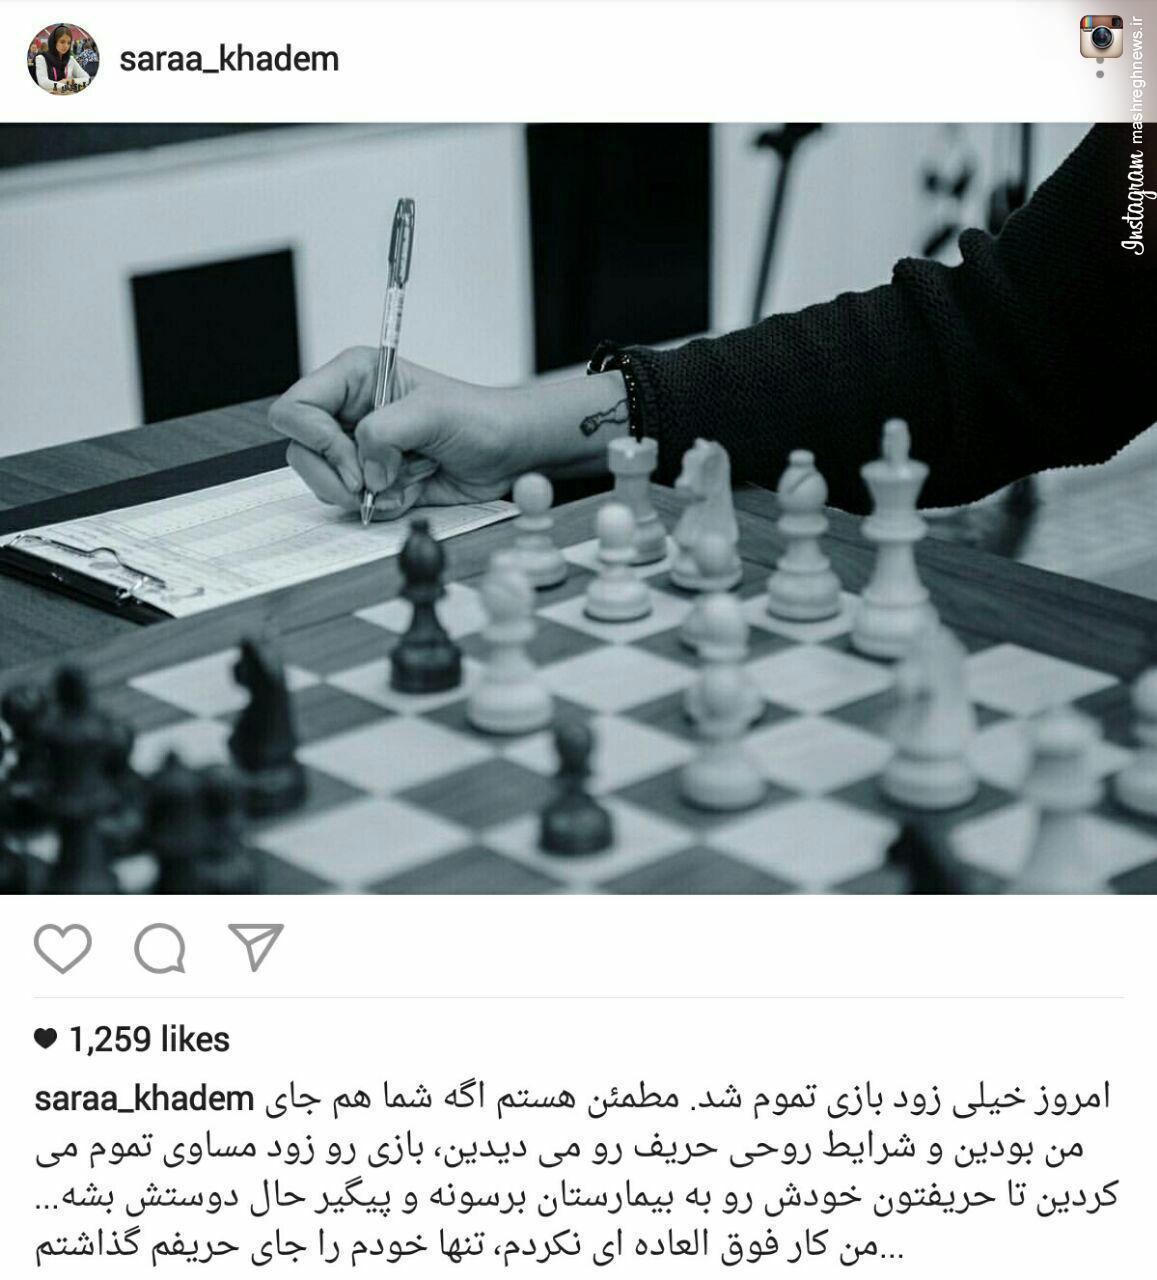 نابغه شطرنج بیوگرافی سارا خادم الشریعه اینستاگرام سارا خادم الشریعه استاد شطرنج اخبار شطرنج